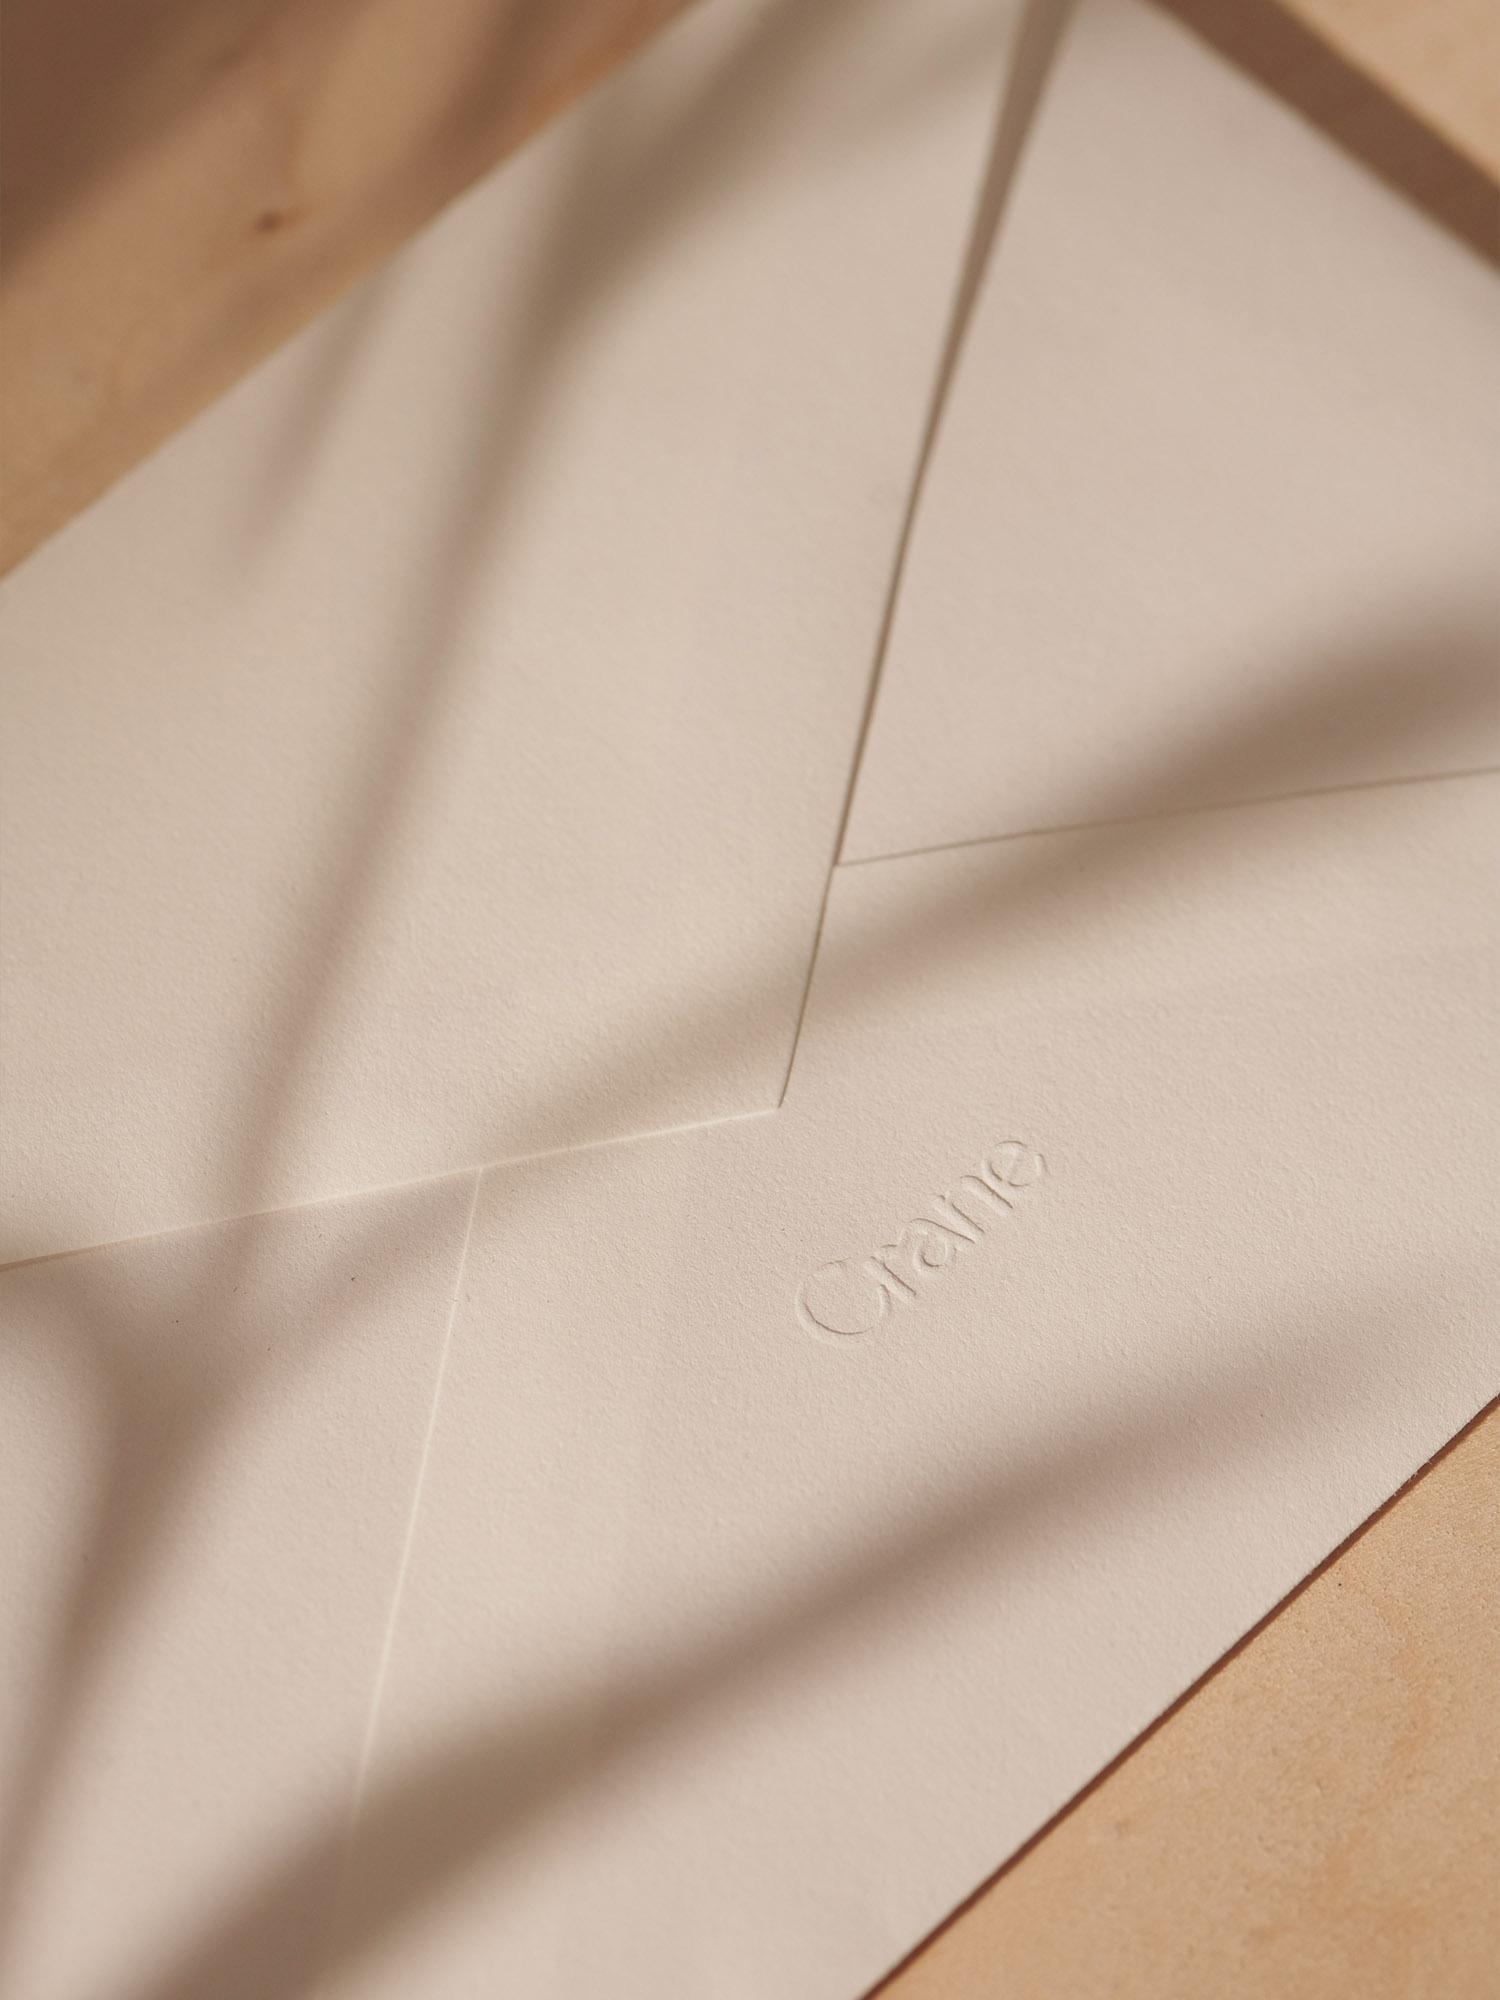 06-Crane-Envelope-Close-up